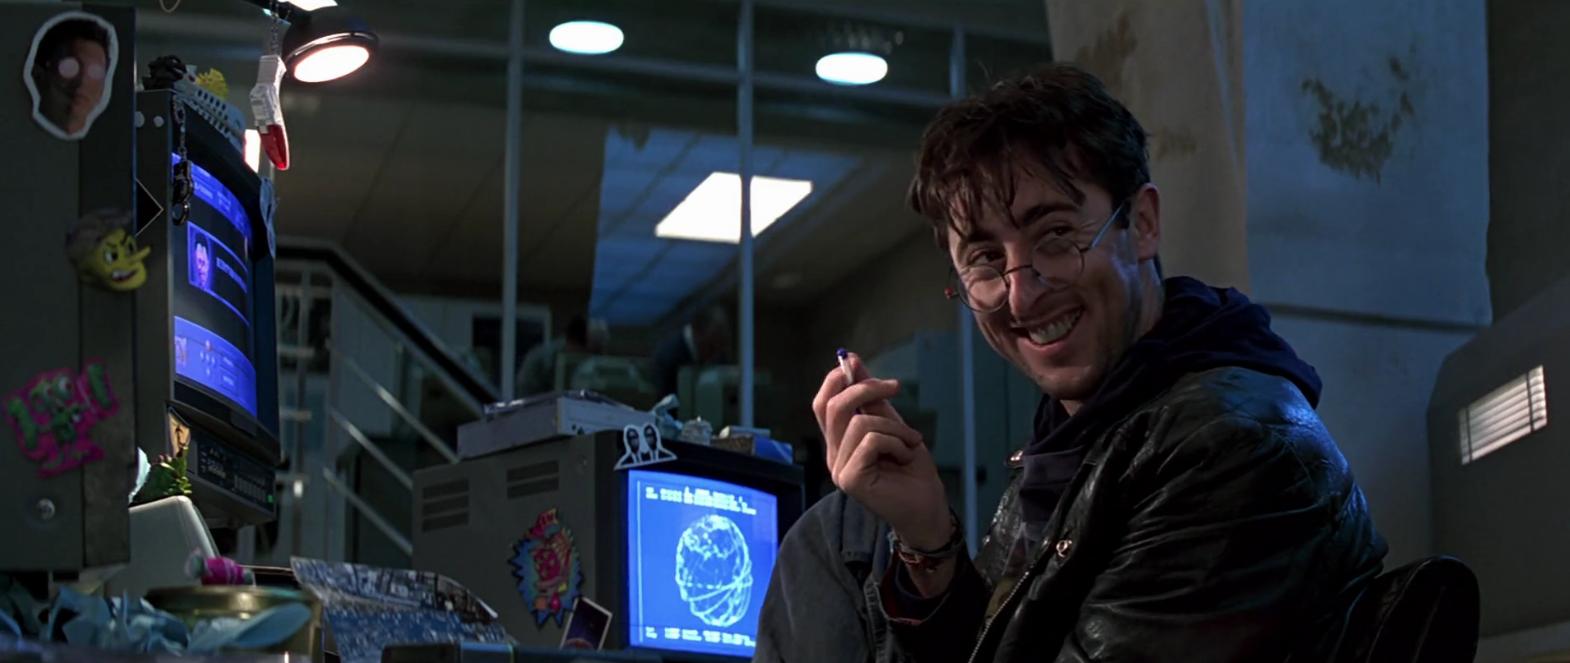 Boris Grishenko with the best hacker grin